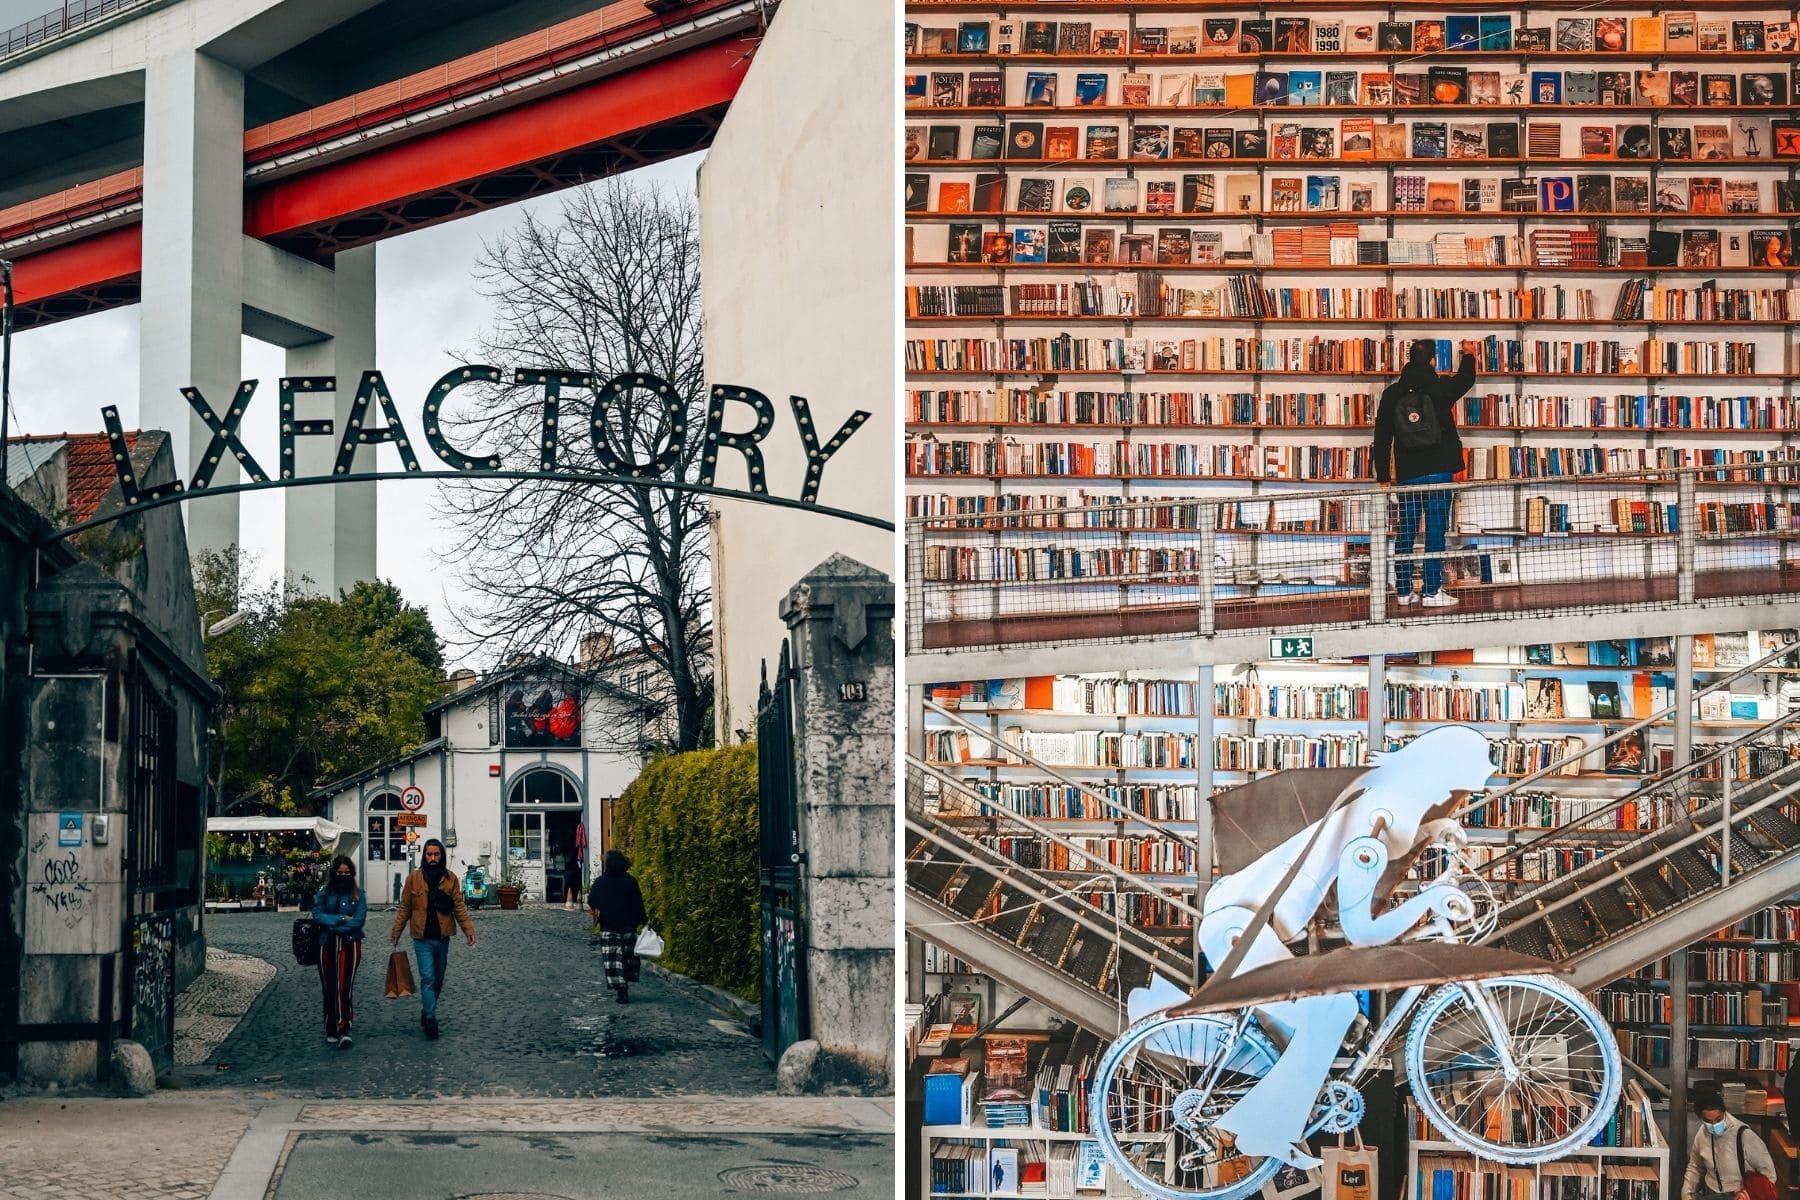 lx factory lisbonne